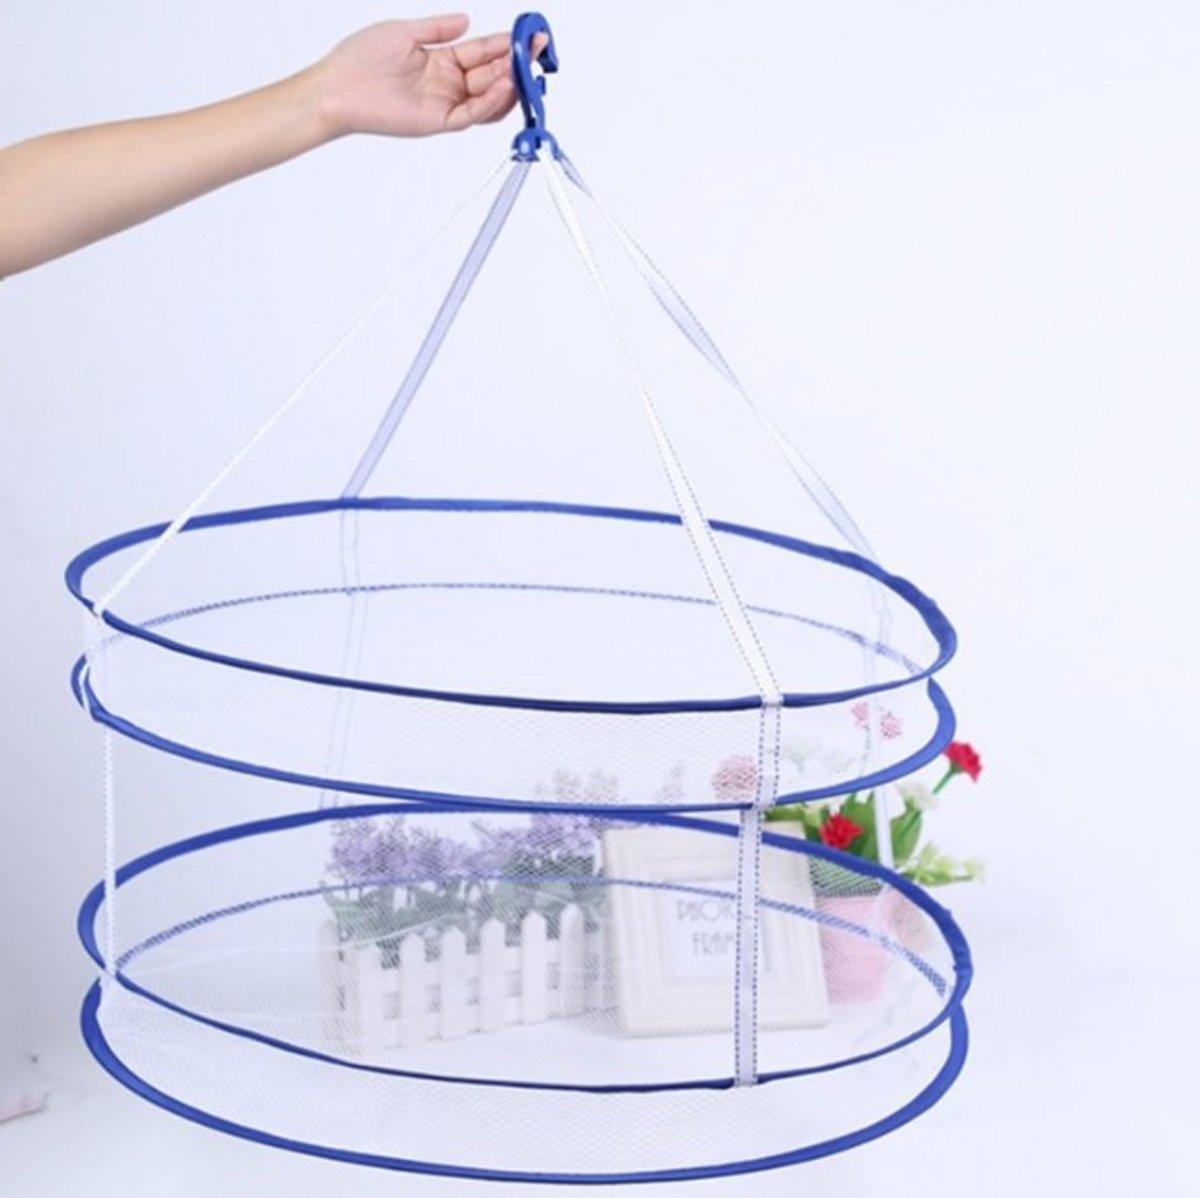 層防風鉤可折疊晾衣籃雙層曬衣網(BLUE)